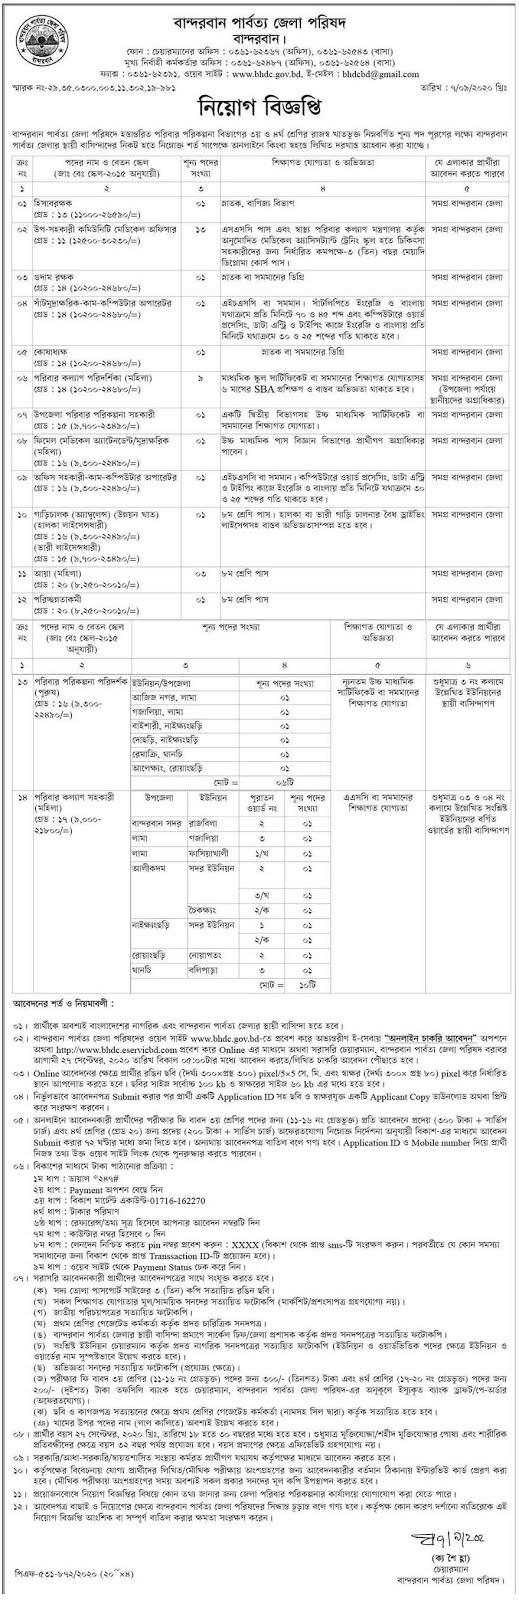 বান্দরবান পার্বত্য জেলা পরিষদ নিয়োগ বিজ্ঞপ্তি 2020 - বান্দরবান পার্বত্য জেলা পরিষদ নিয়োগ বিজ্ঞপ্তি 2021 - বান্দরবান পার্বত্য জেলা পরিষদ নিয়োগ বিজ্ঞপ্তি ২০২০ - বান্দরবান পার্বত্য জেলা পরিষদ নিয়োগ বিজ্ঞপ্তি ২০২১